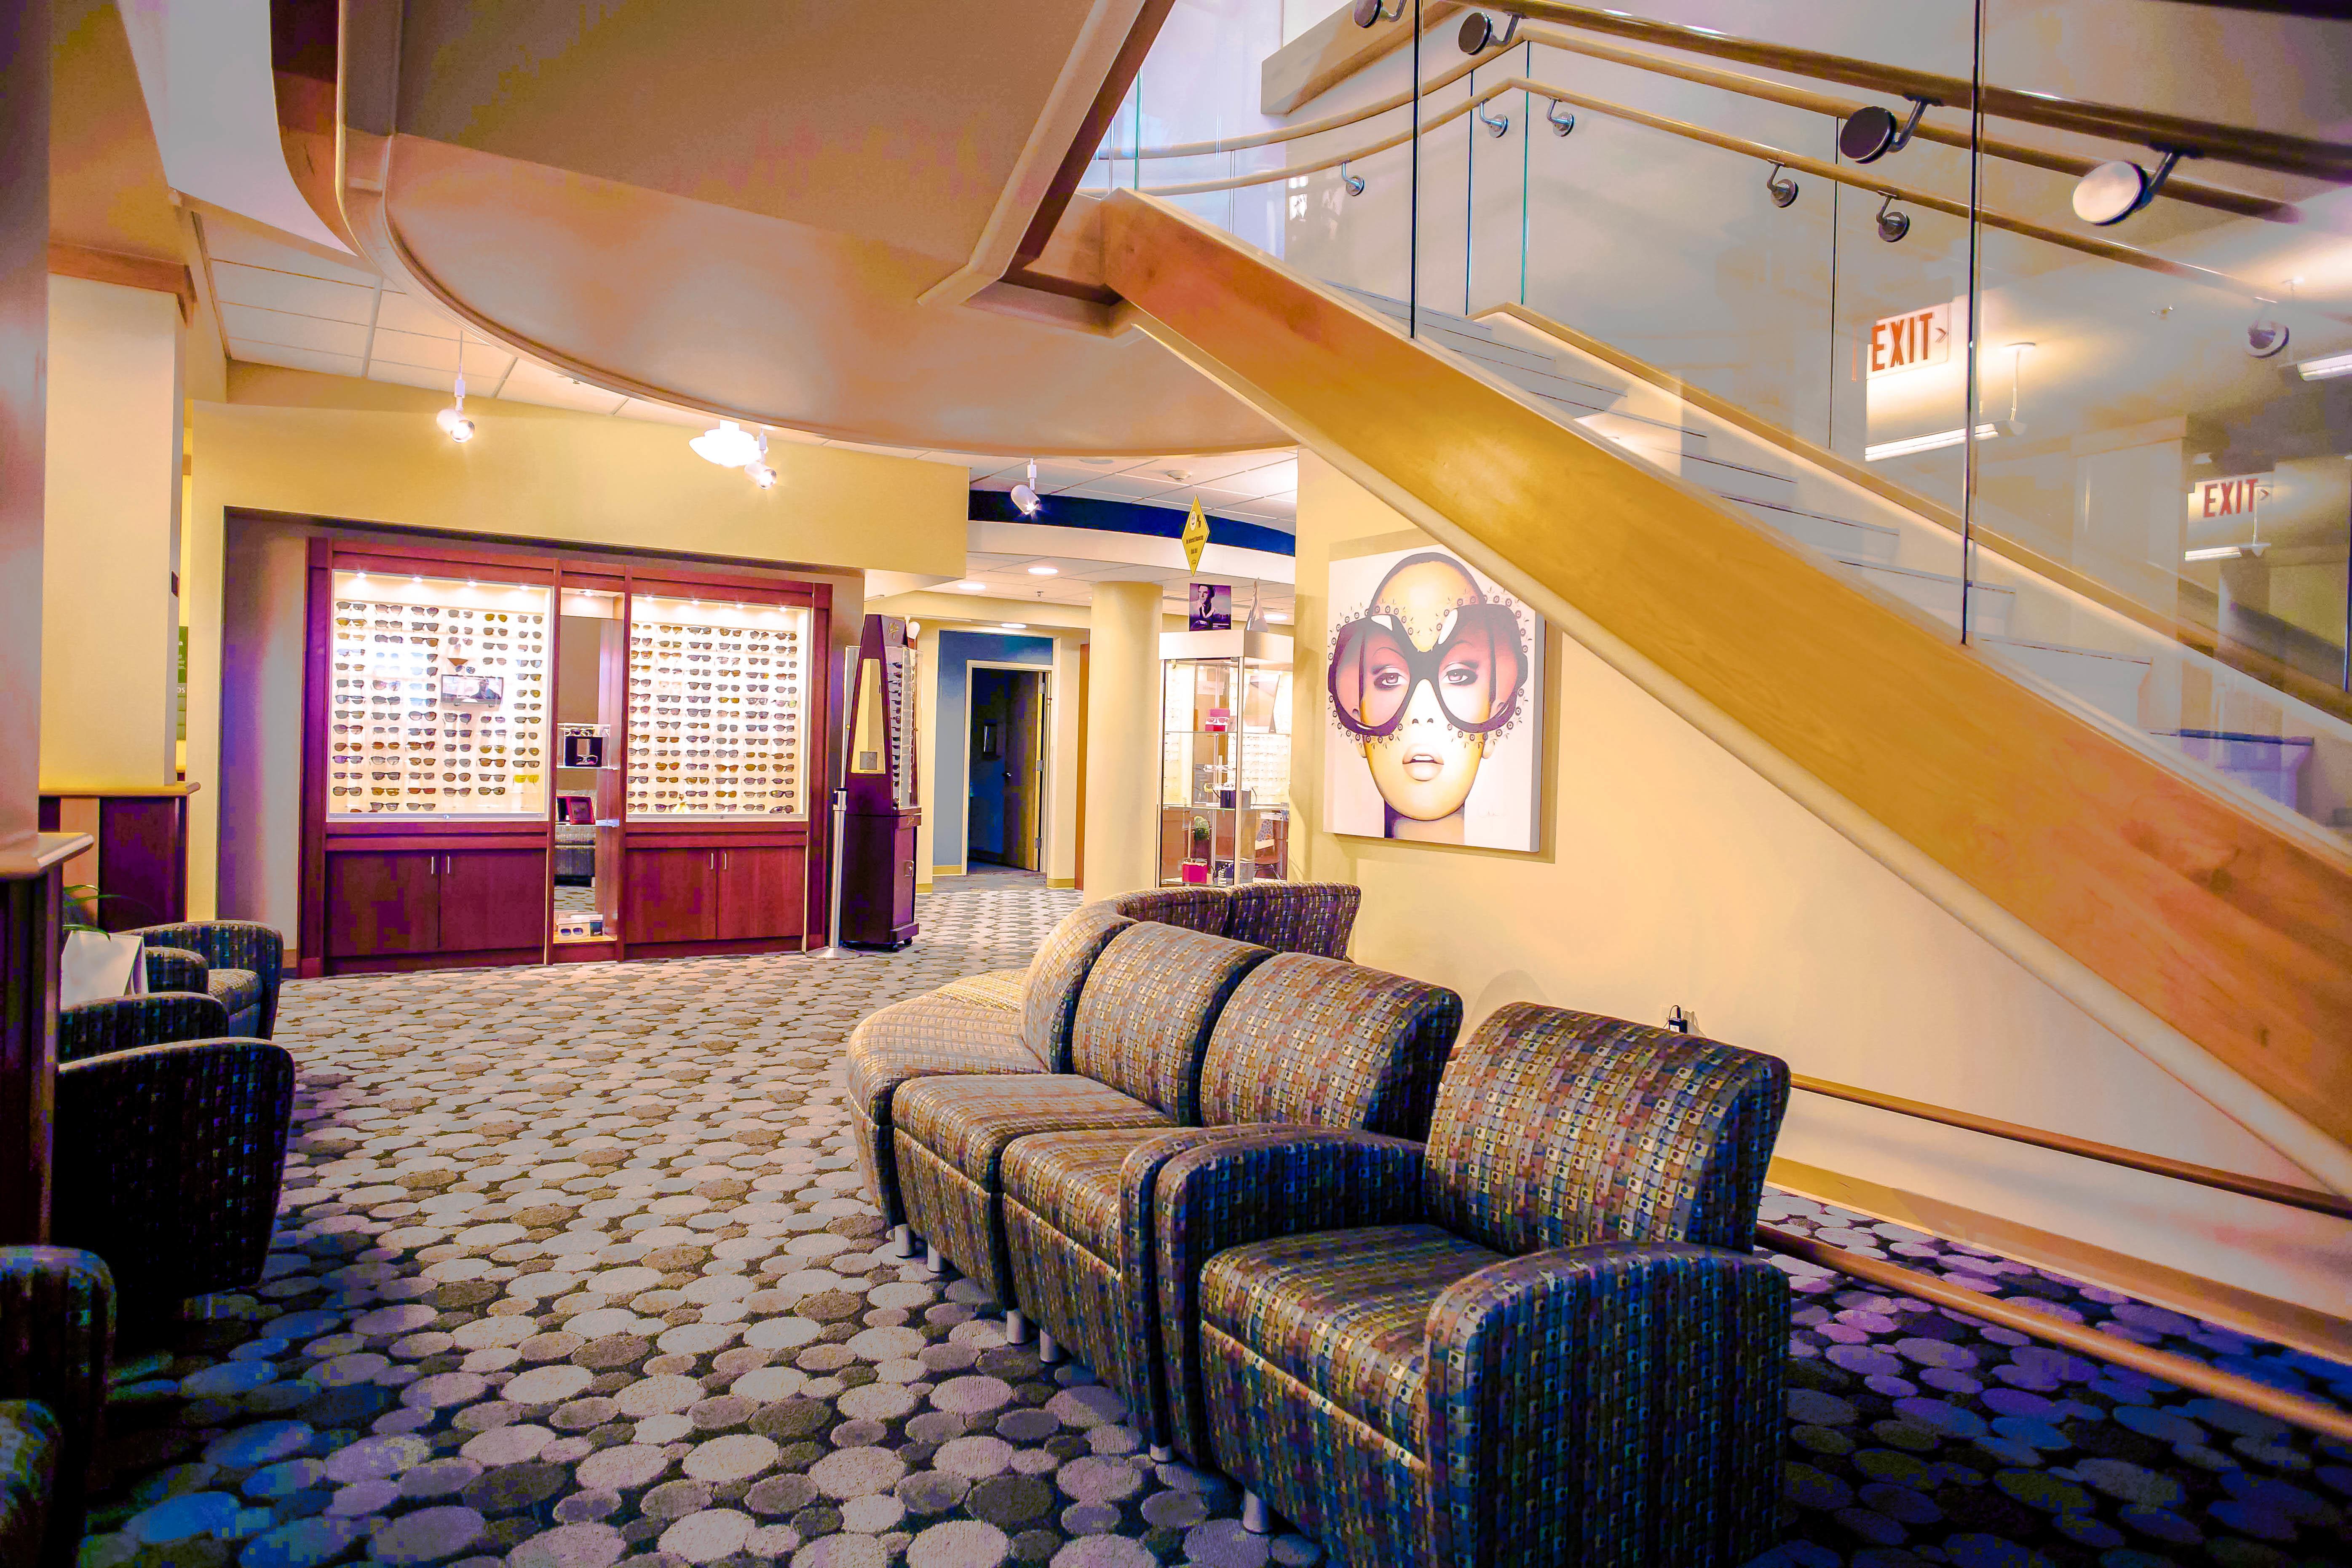 Illinois Eye Center Optical Boutique image 4